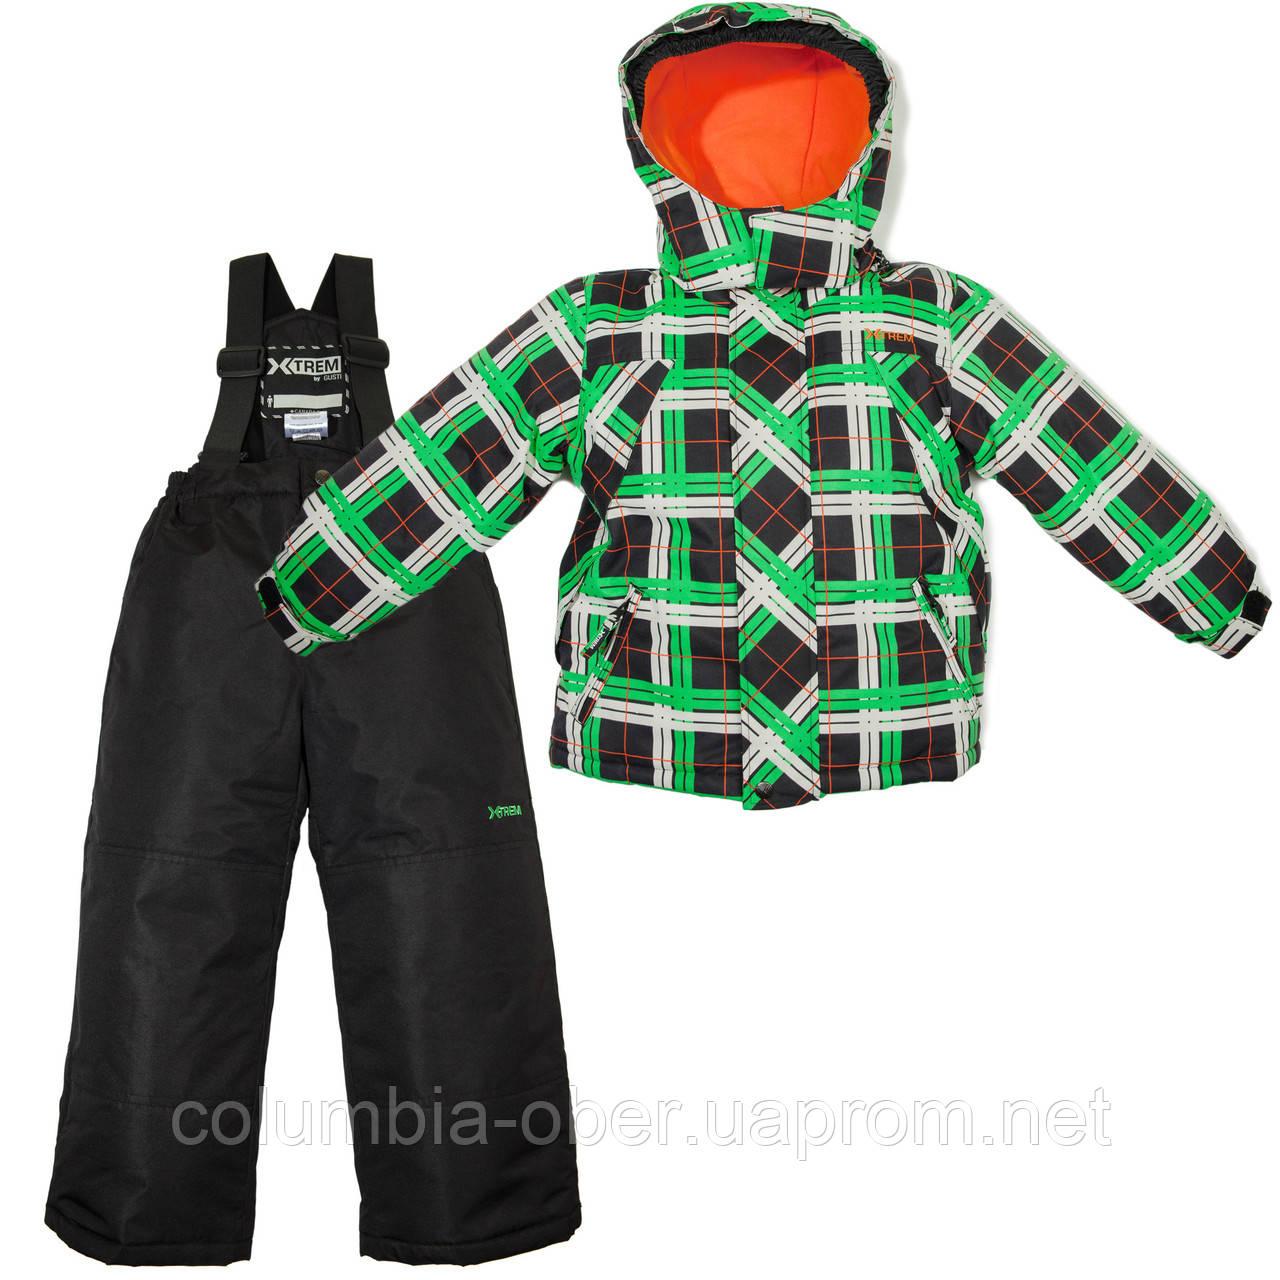 Зимний костюм для мальчика X-trem by Gusti 4783. Размеры 92 - 134.